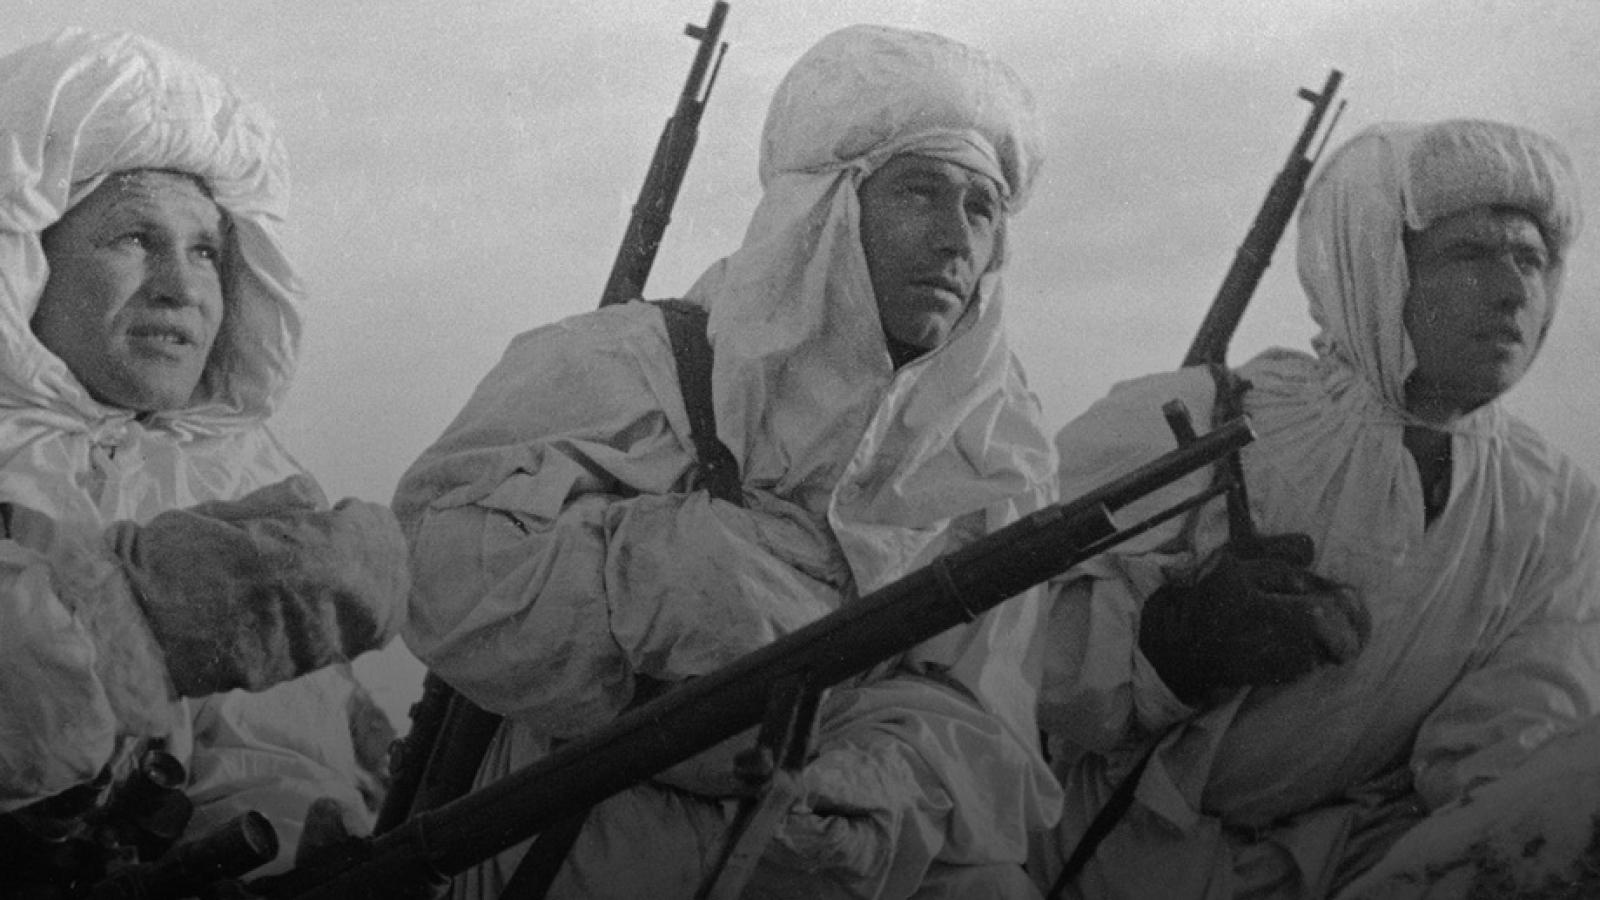 5 xạ thủ bắn tỉa của Hồng quân Liên Xô bắn gục gần 3.000 lính địch trong Thế chiến II